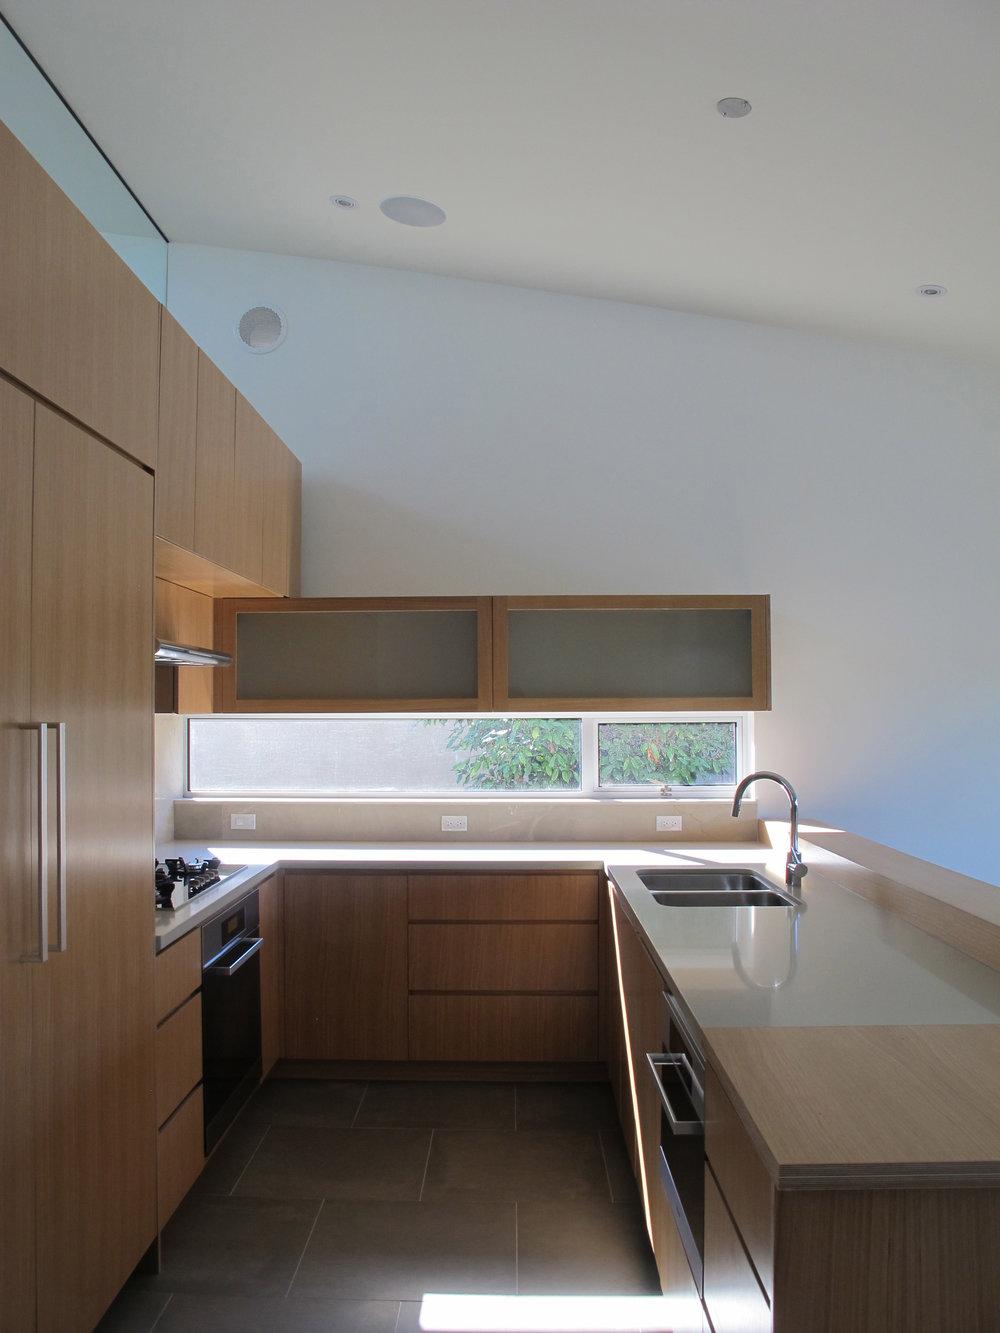 Highlawn kitchen-2 HR 2500x1875.jpg